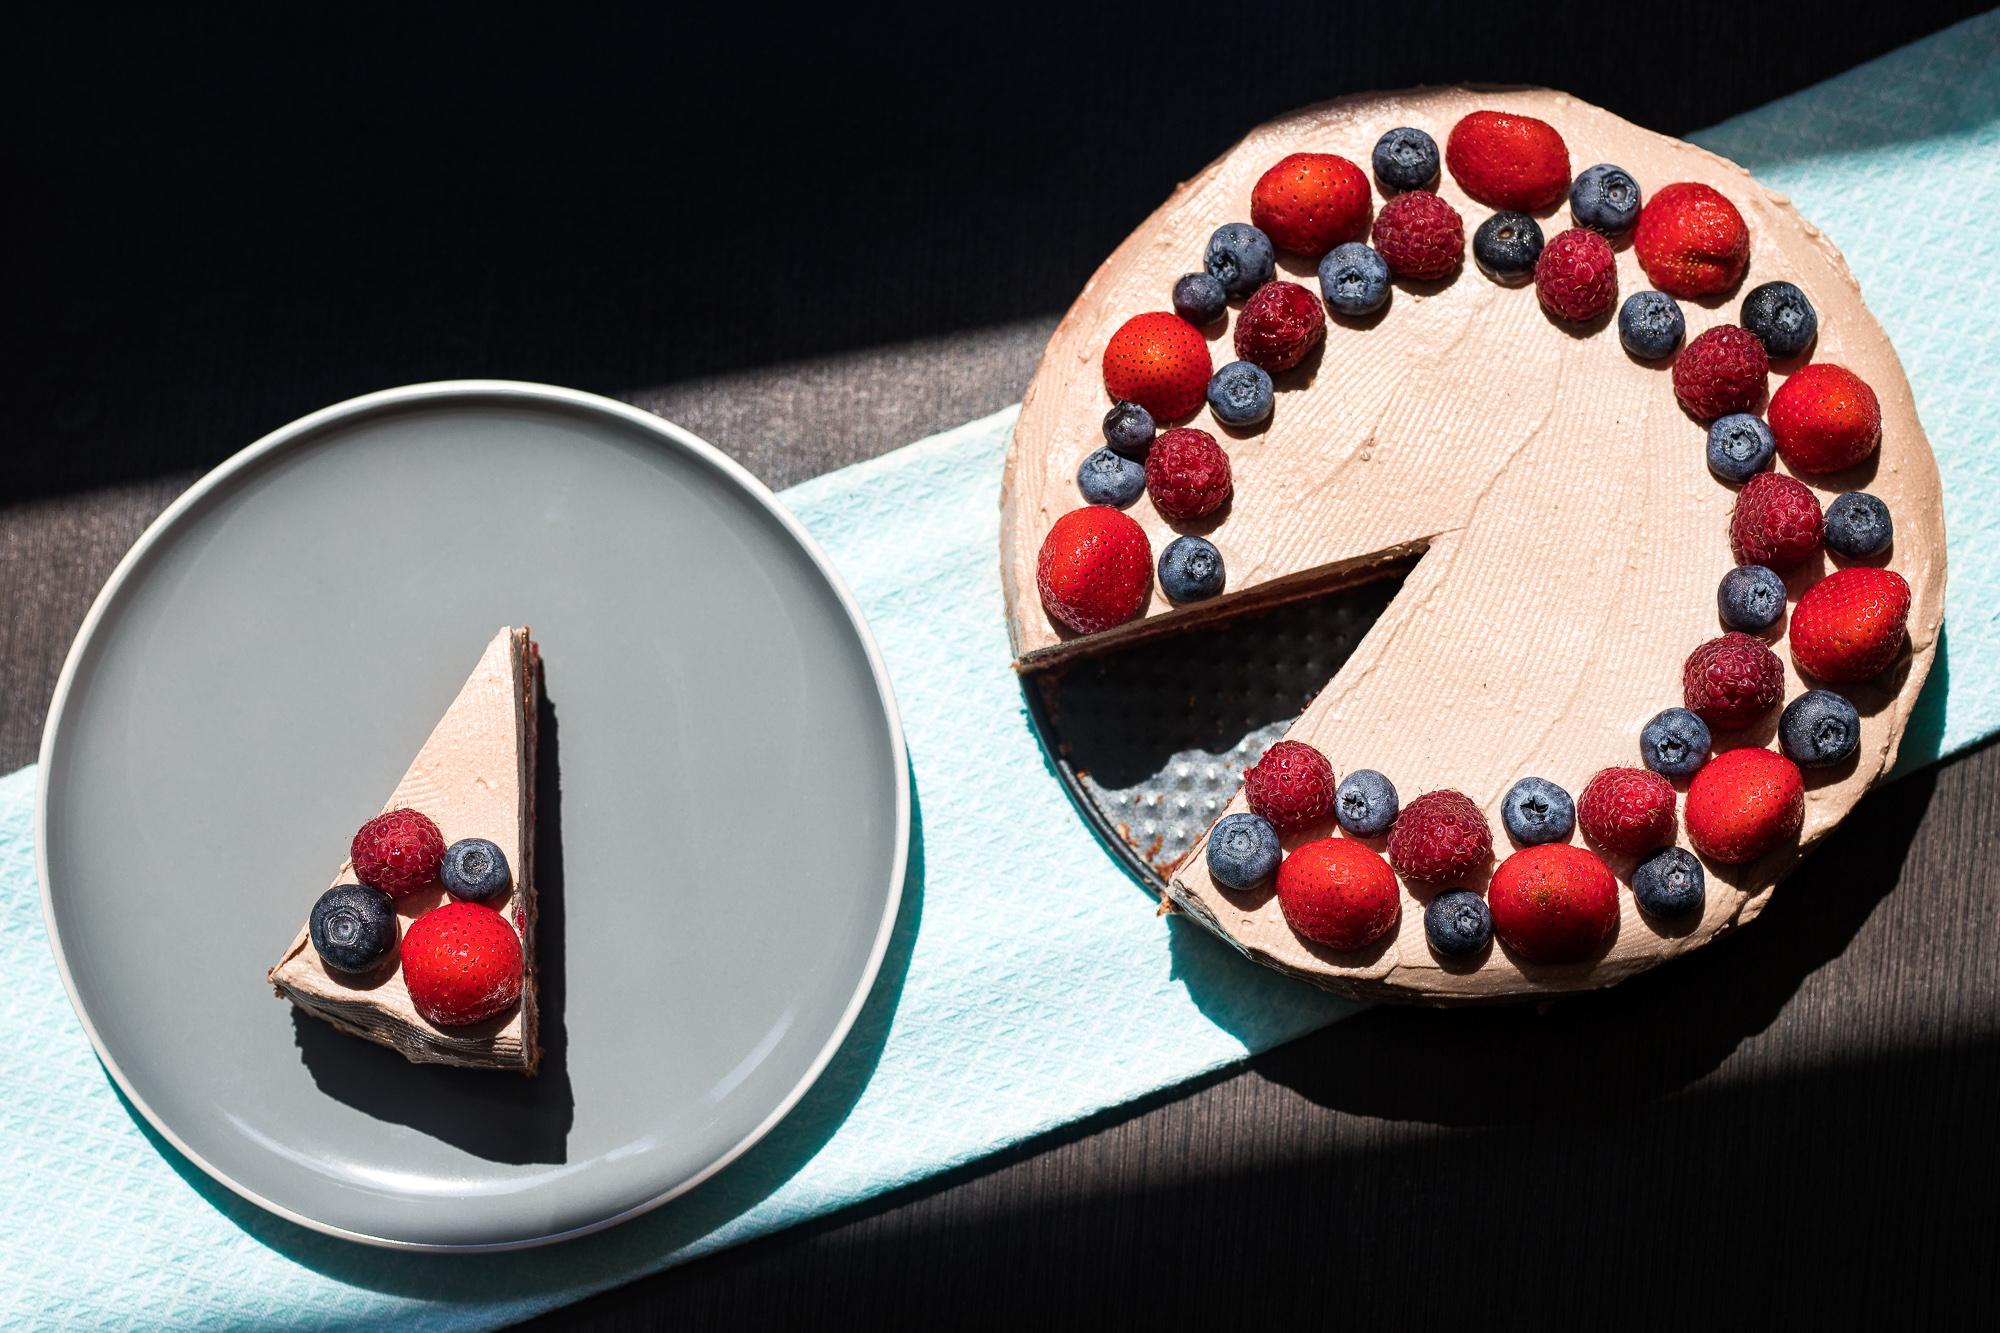 Famózna cviklová torta bez lepku s kakaovo-tvarohovým krémom.